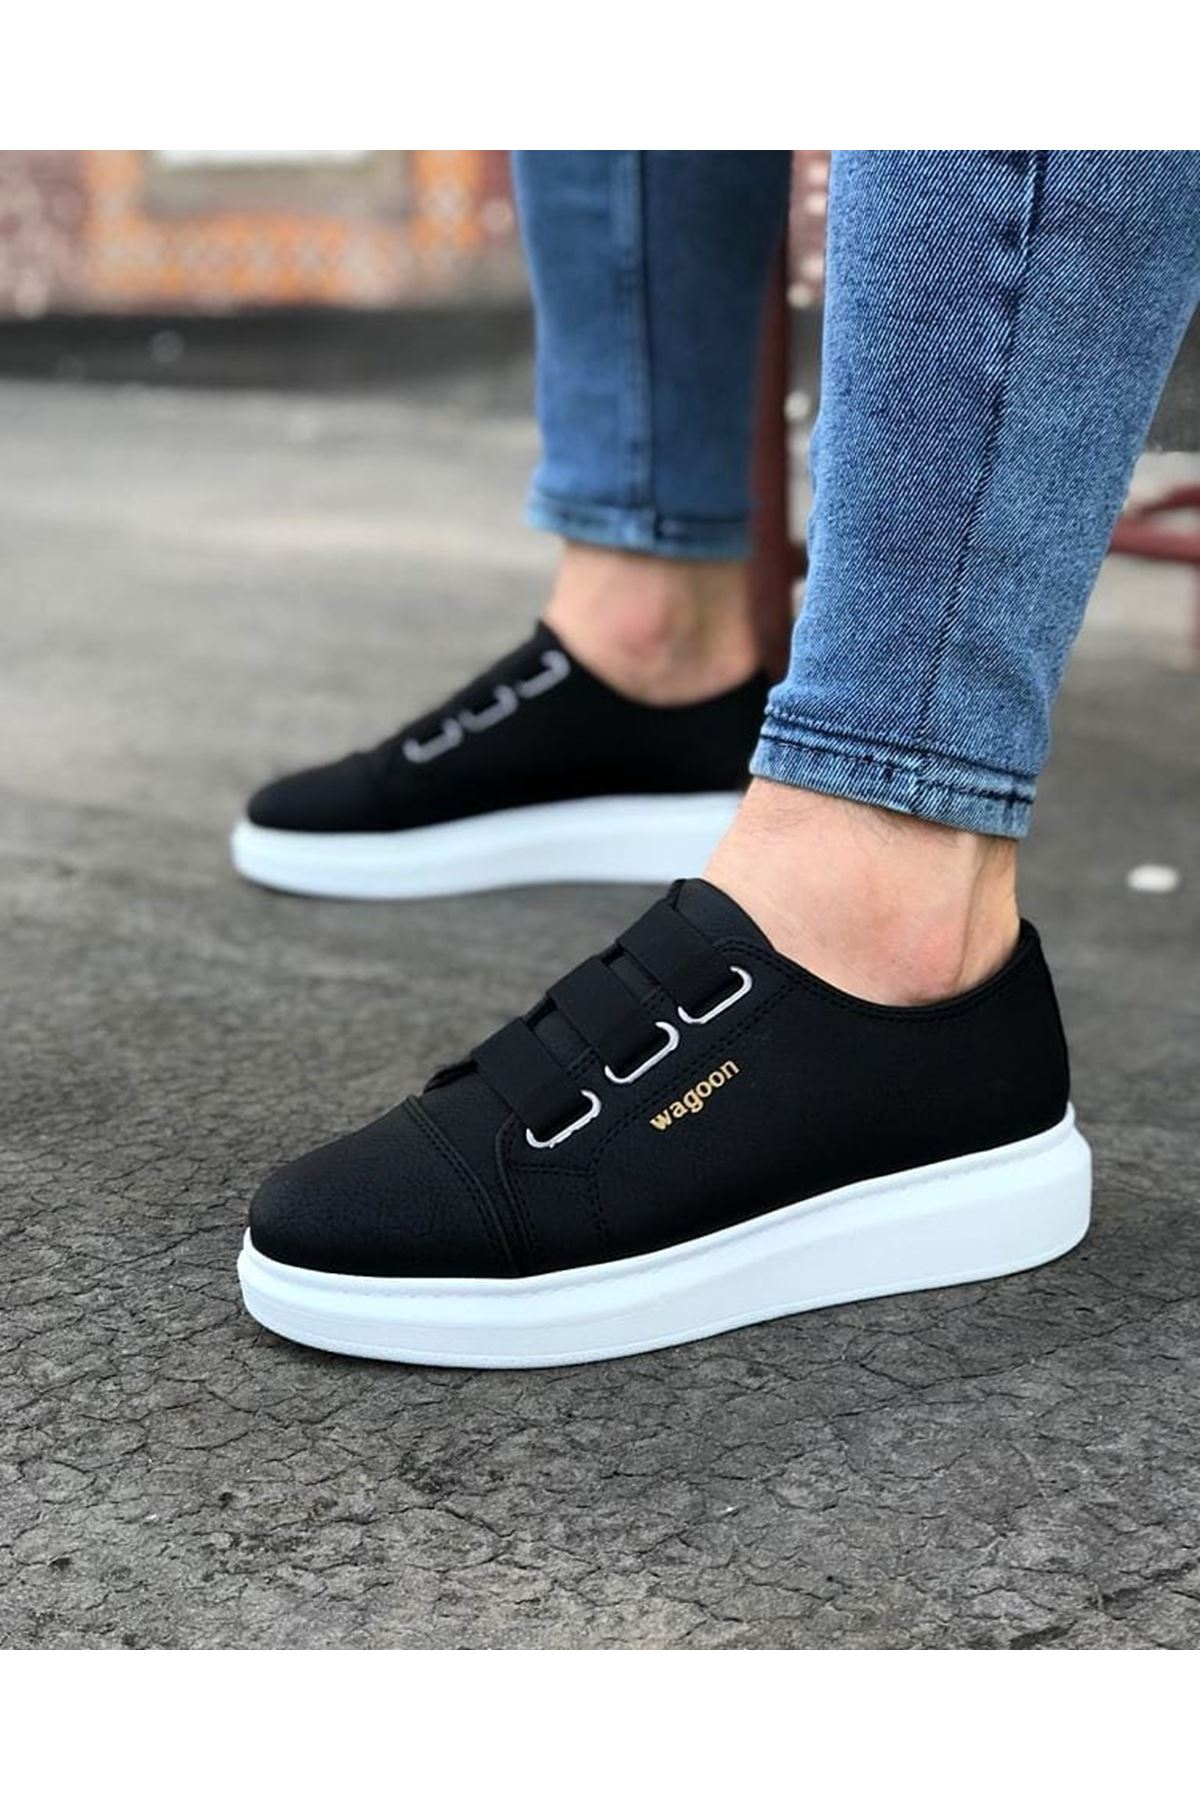 Wagoon WG026 Siyah Kalın Taban Casual Erkek Ayakkabı